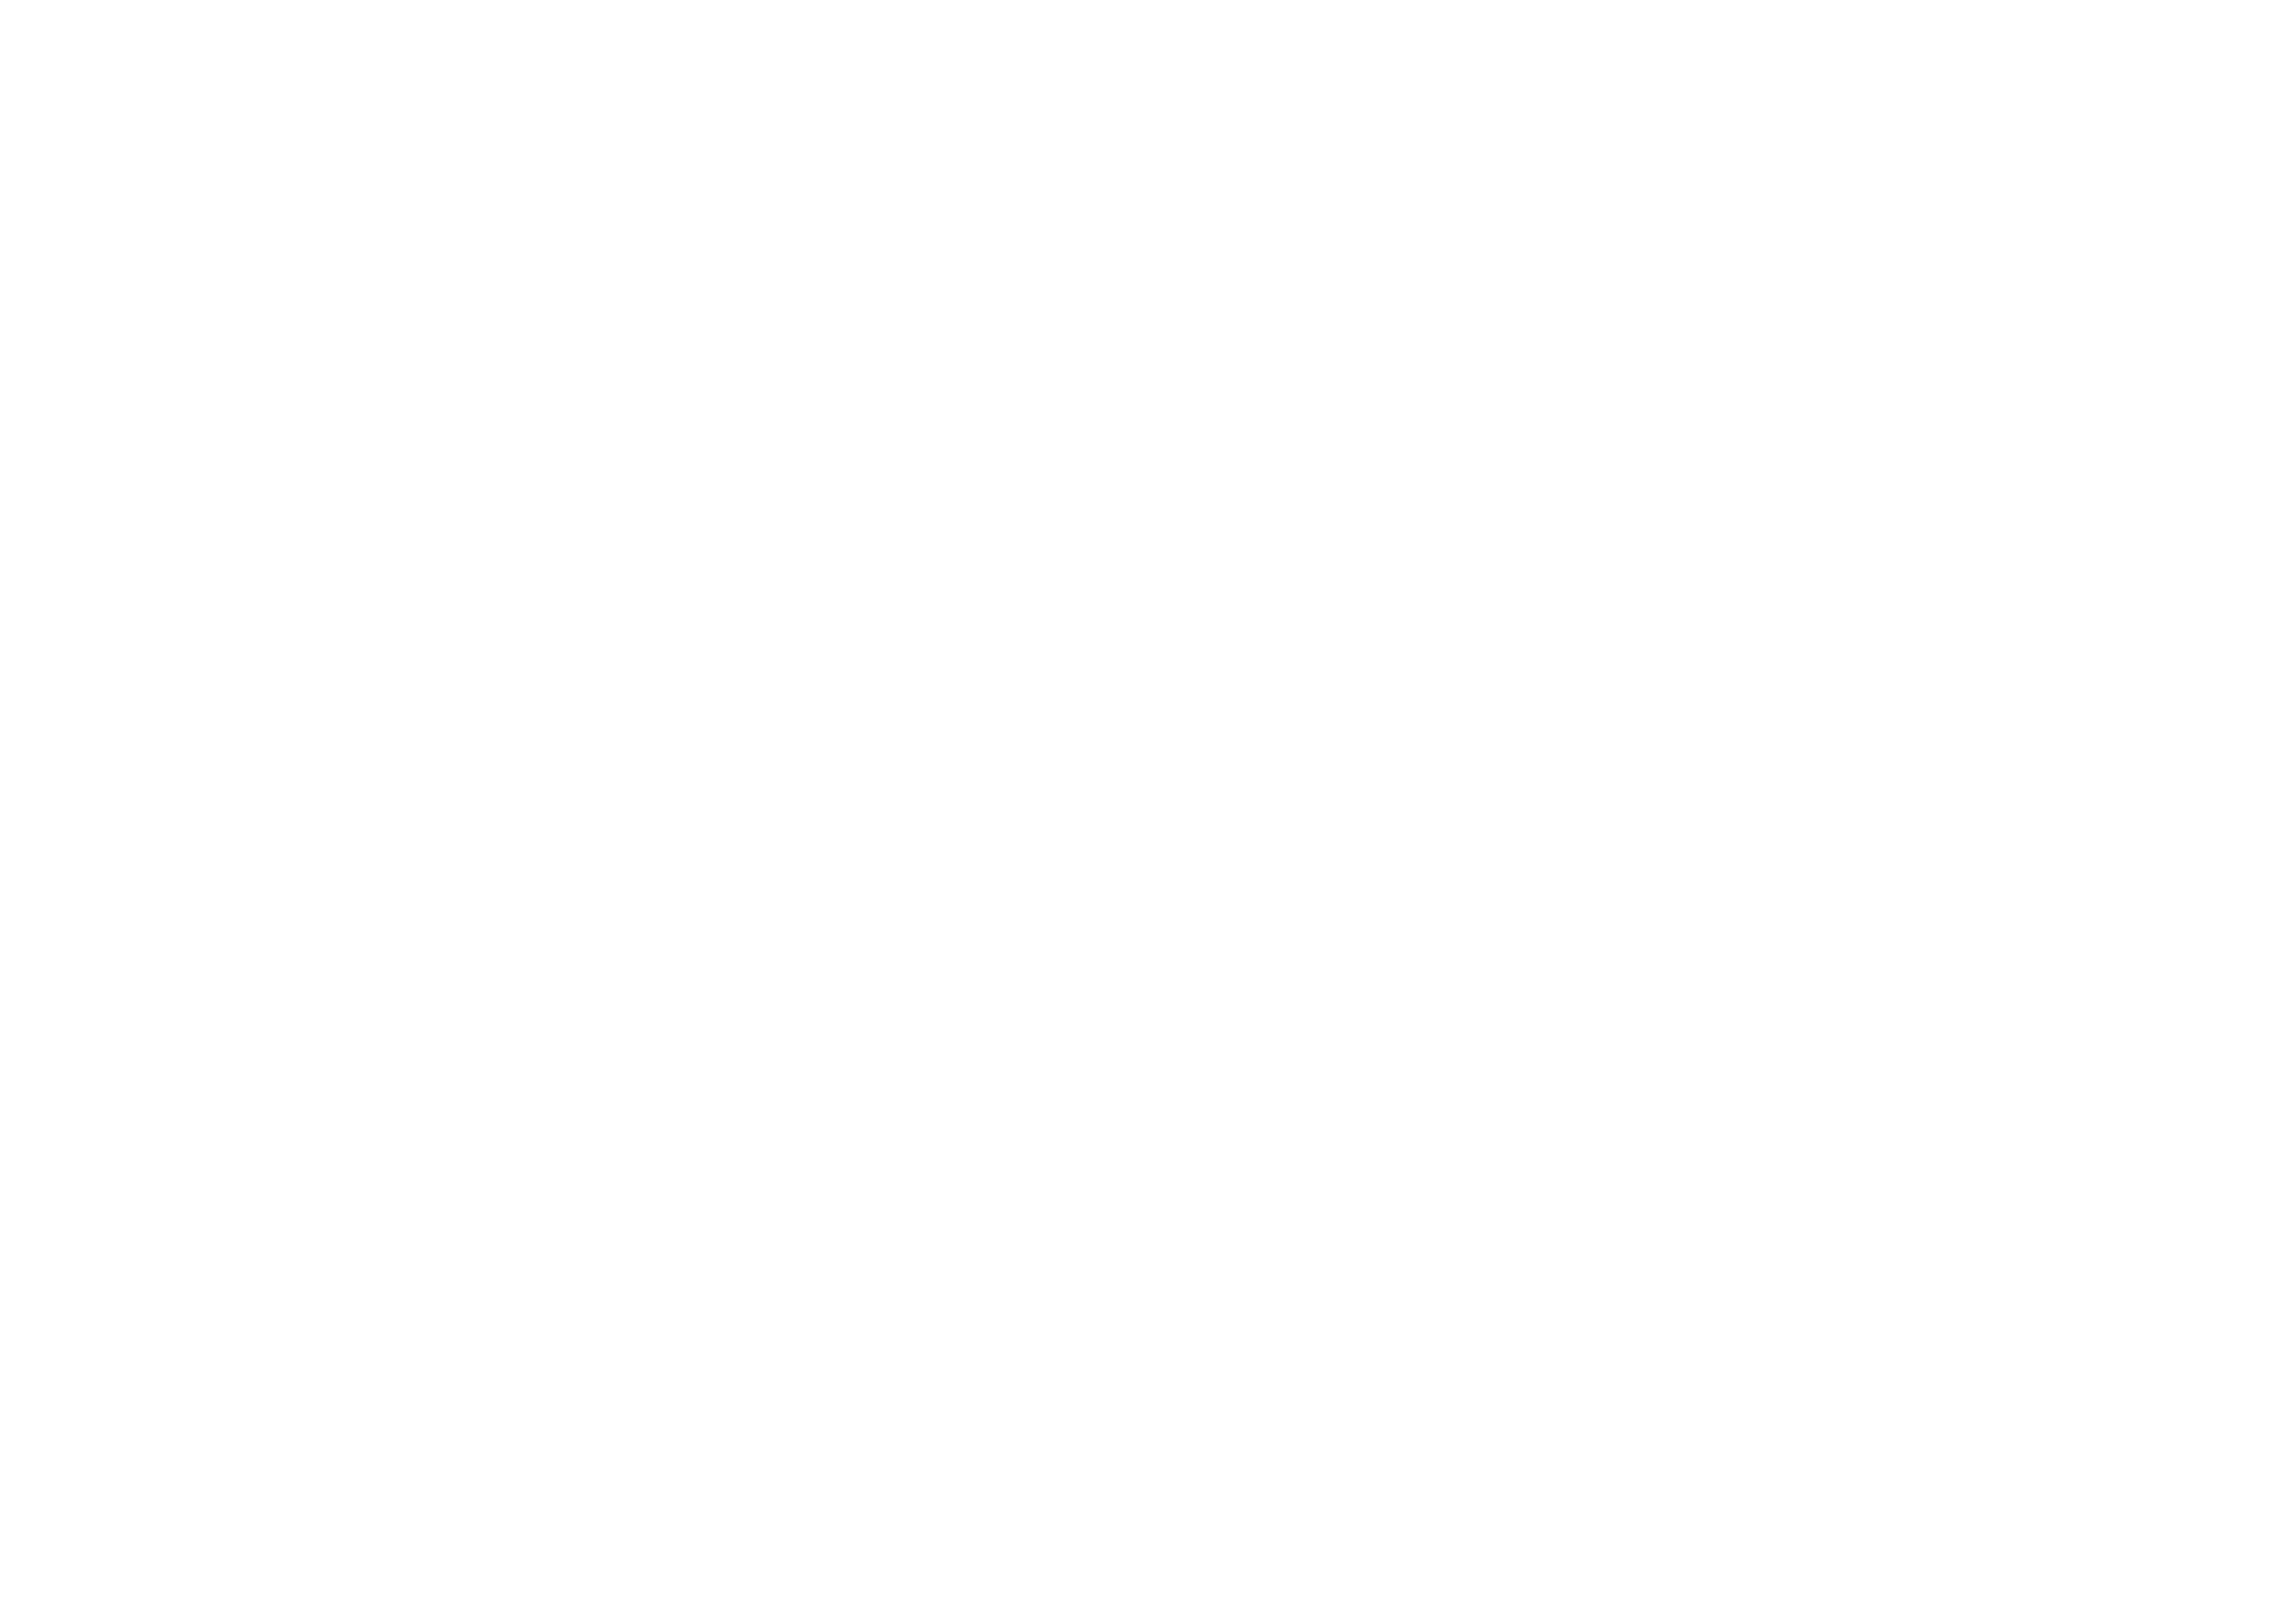 campo de ourique, lisboa   data de projecto/  project date : 2018  habitação, comércio, serviços/ residential, comercial, services  área acima do solo/  area above ground : 18 756 m2  área abaixo do solo/  area underground : 16 561 m2  colaboradores/  project team :  michalina frątczak  șerban anghel  miguel bryant-jorge  catarina pinto de almeida  cliente/  client :  epal - empresa portuguesa das águas livres